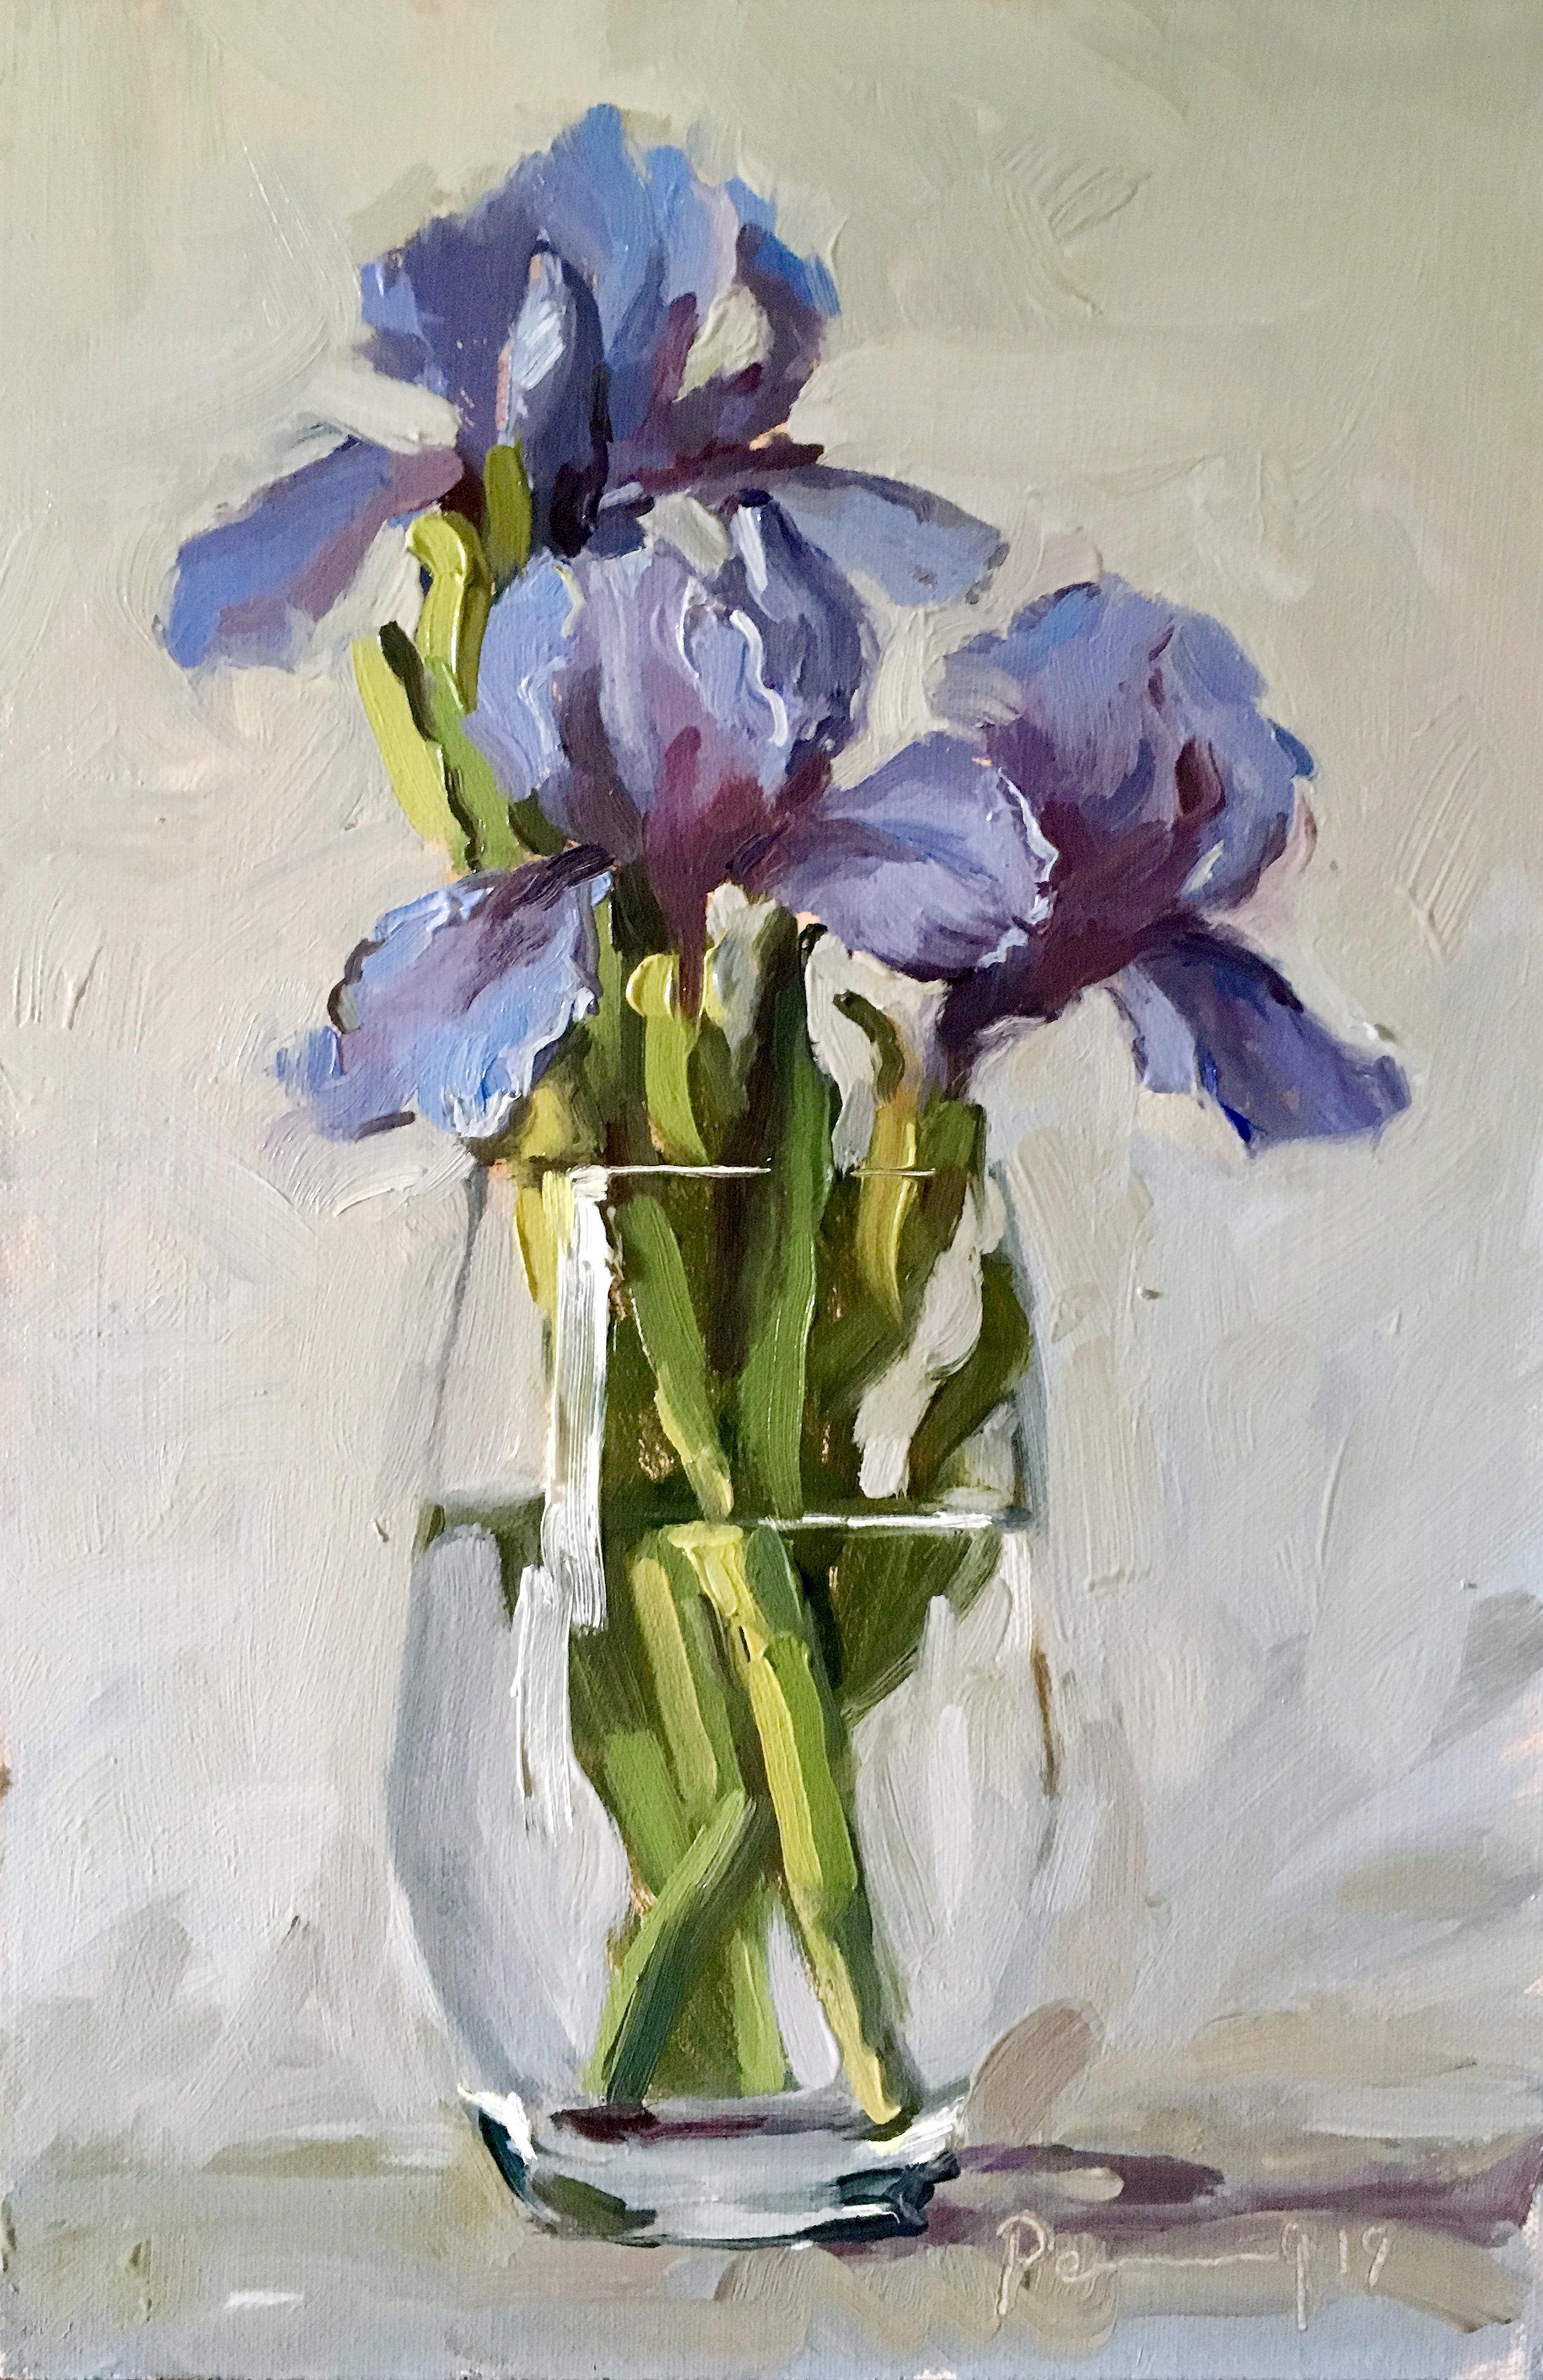 Iris in a Glass